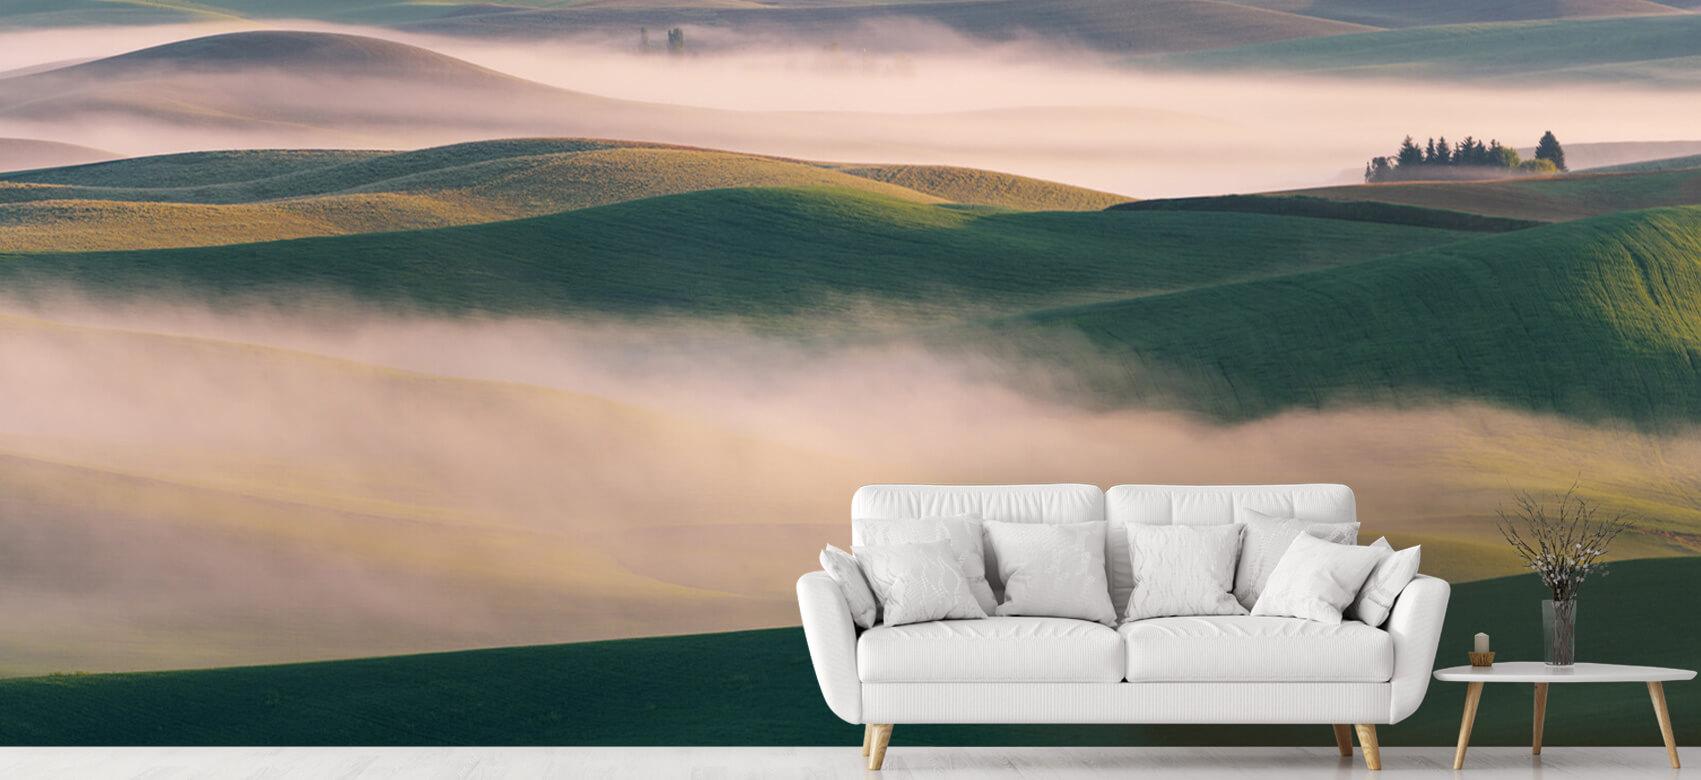 Dream Land in Morning Mist 5